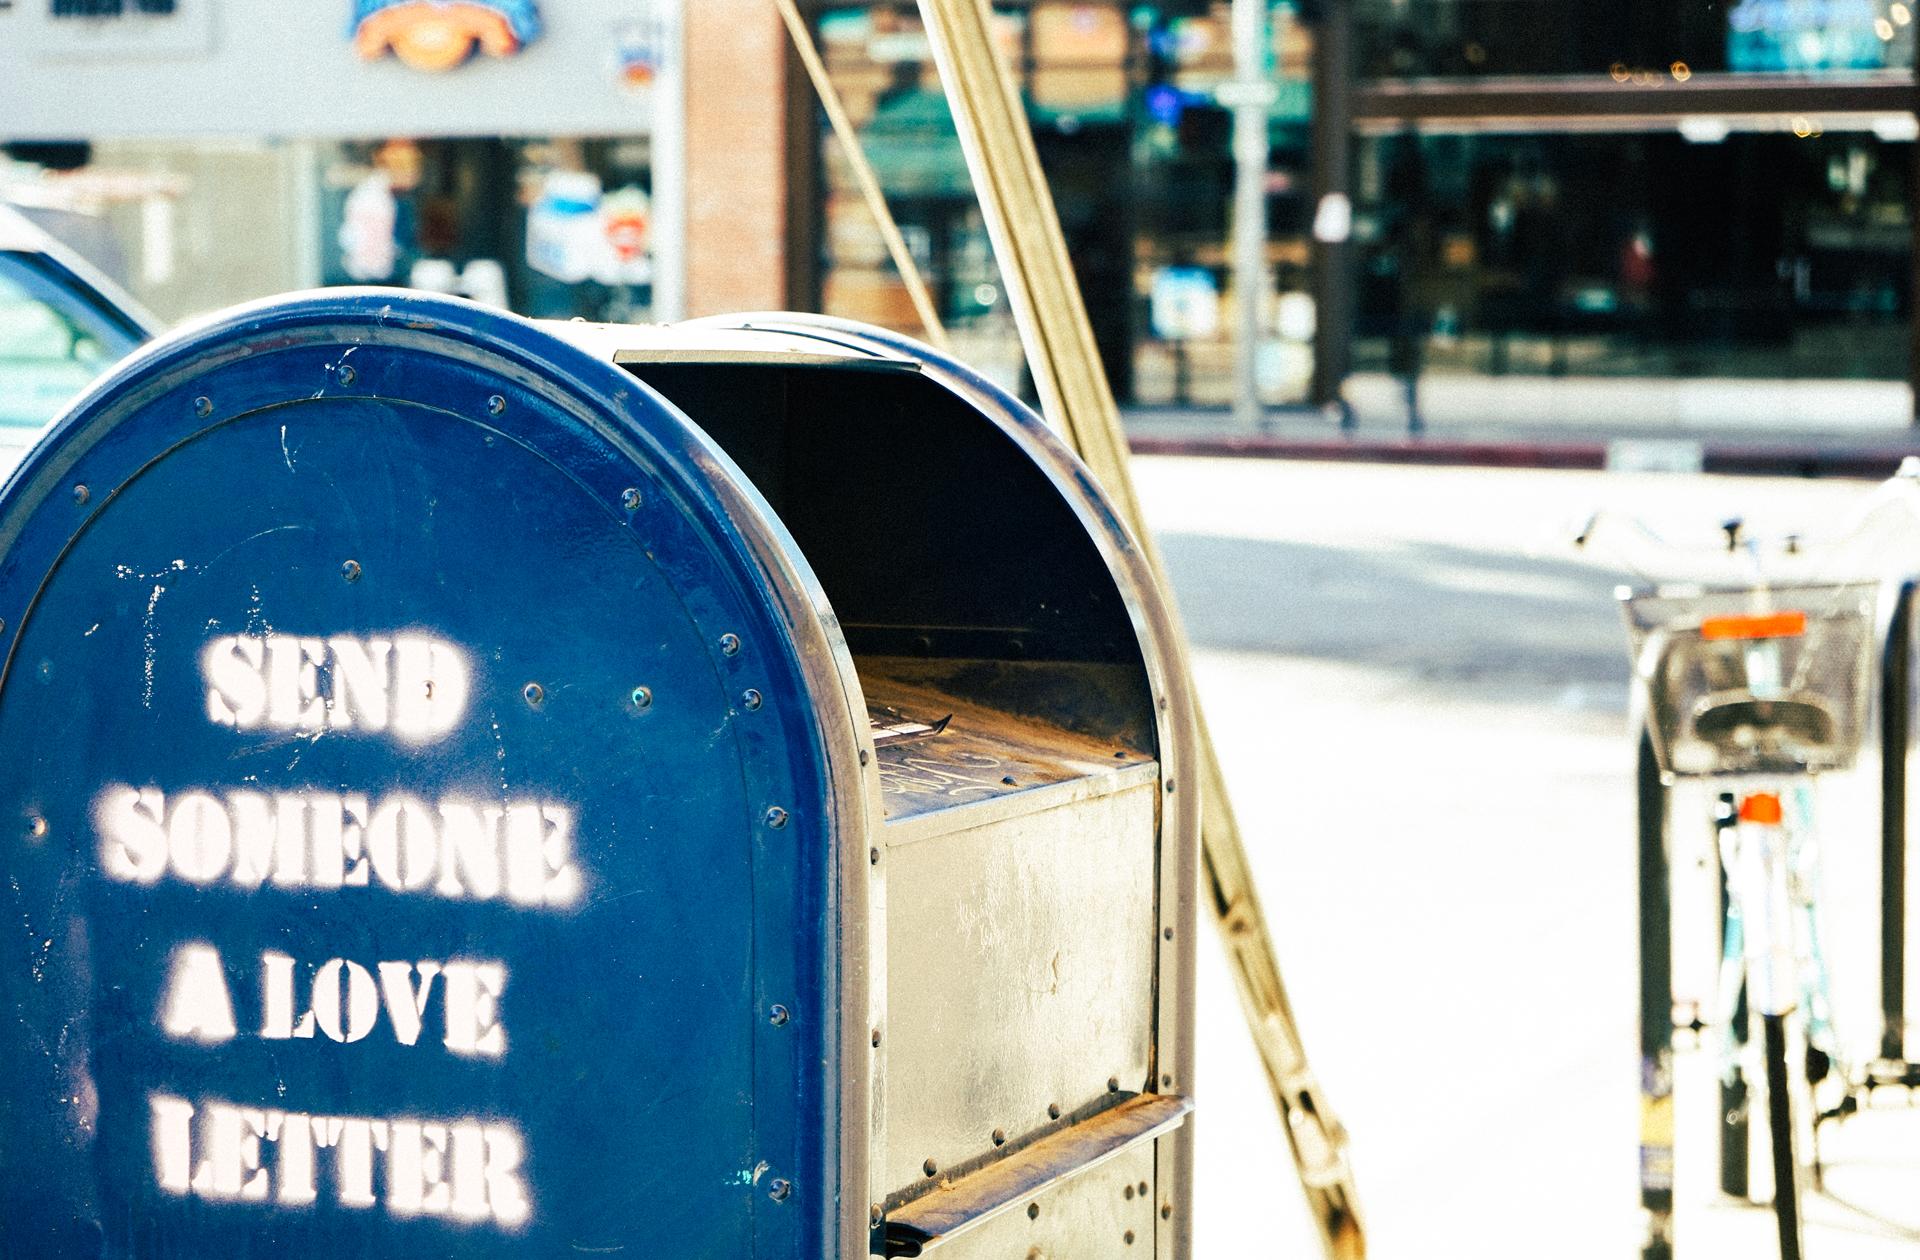 post street travel transport vehicle letter color